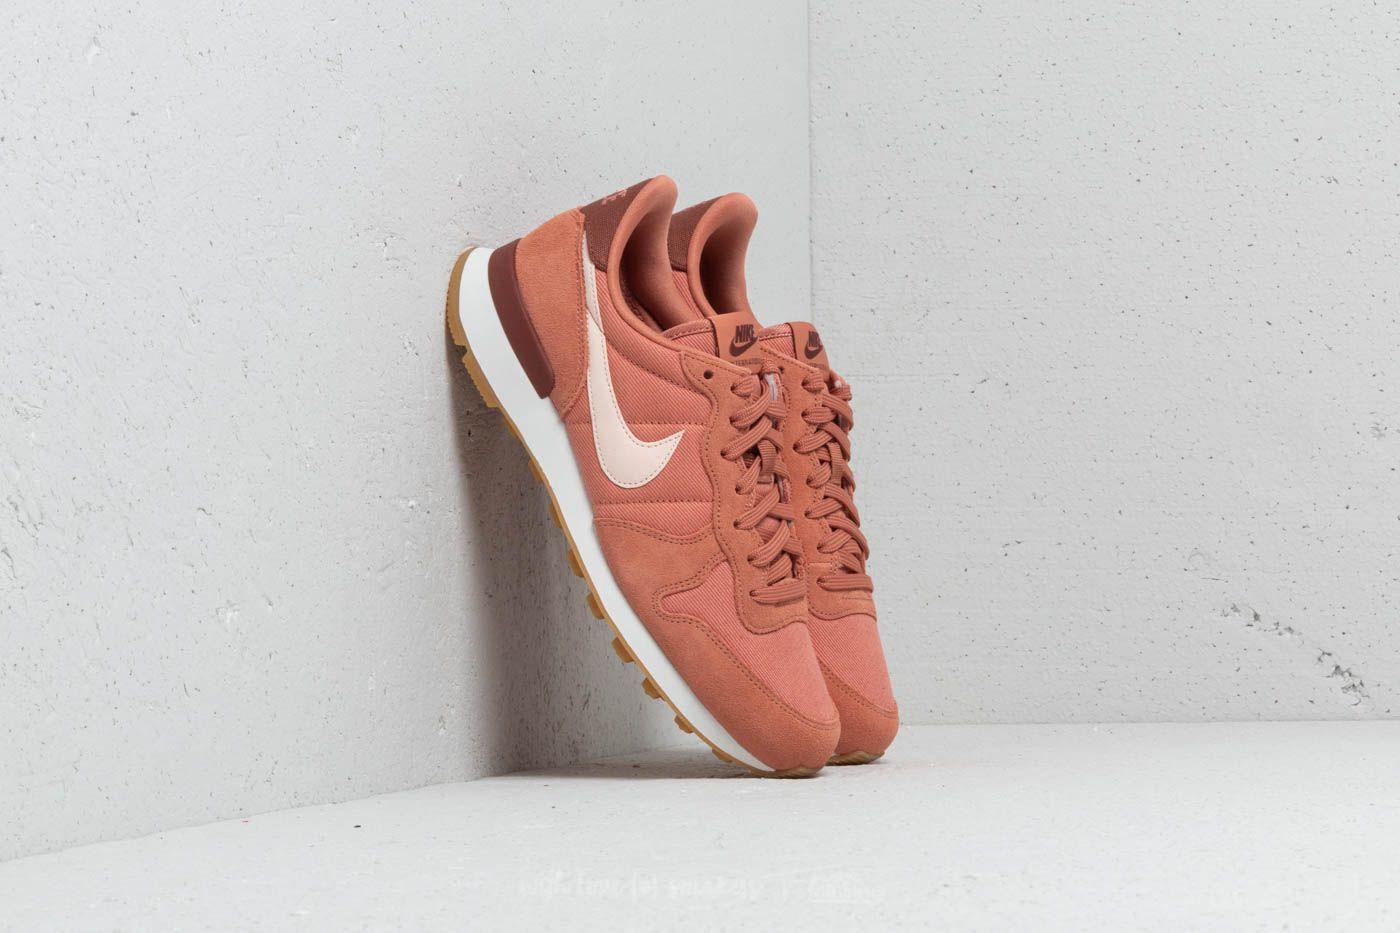 Nike Wmns Internationalist Terra Blush/ Guava Ice za skvělou cenu 2 390 Kč koupíte na Footshop.cz